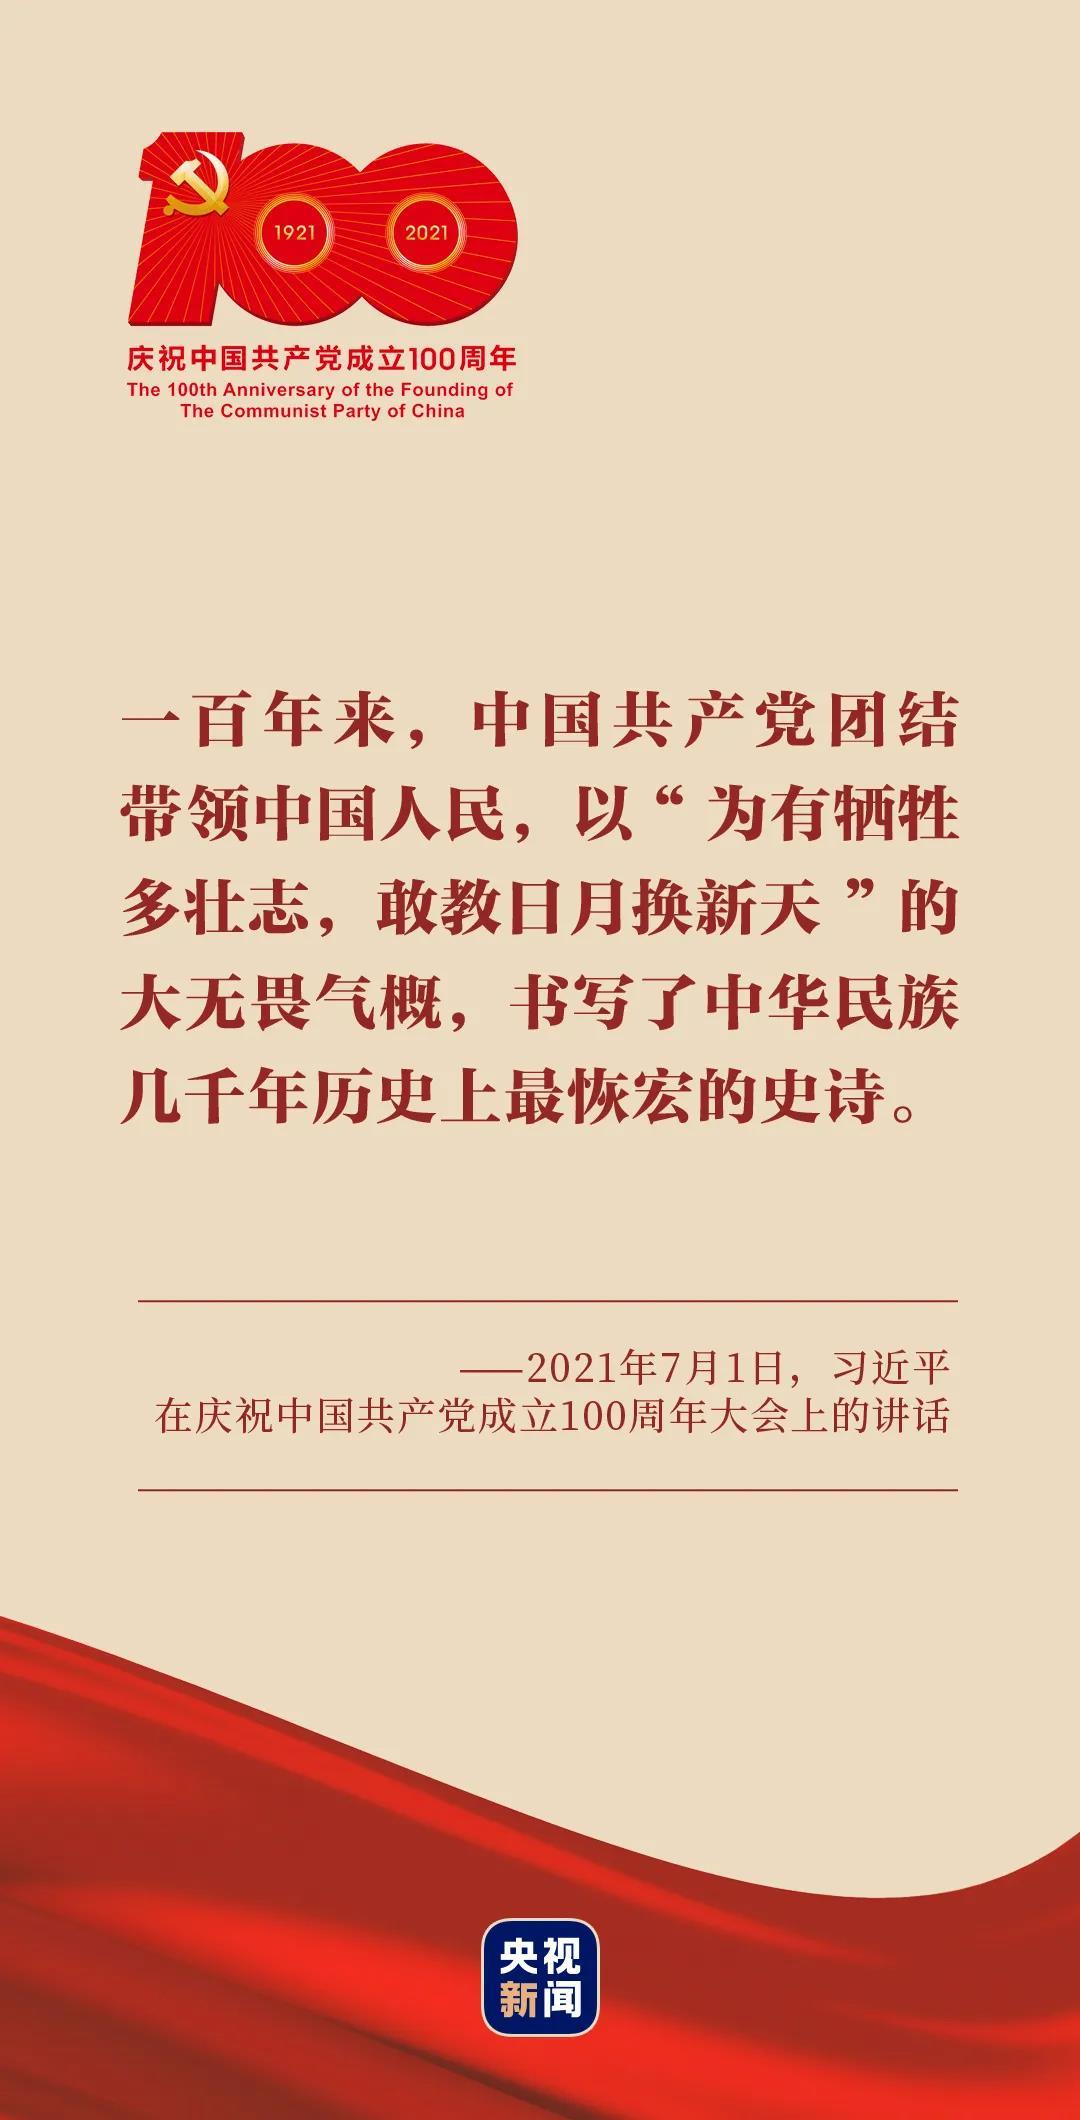 赢咖3平台注册:大党丨百年史诗 精神为源(图9)